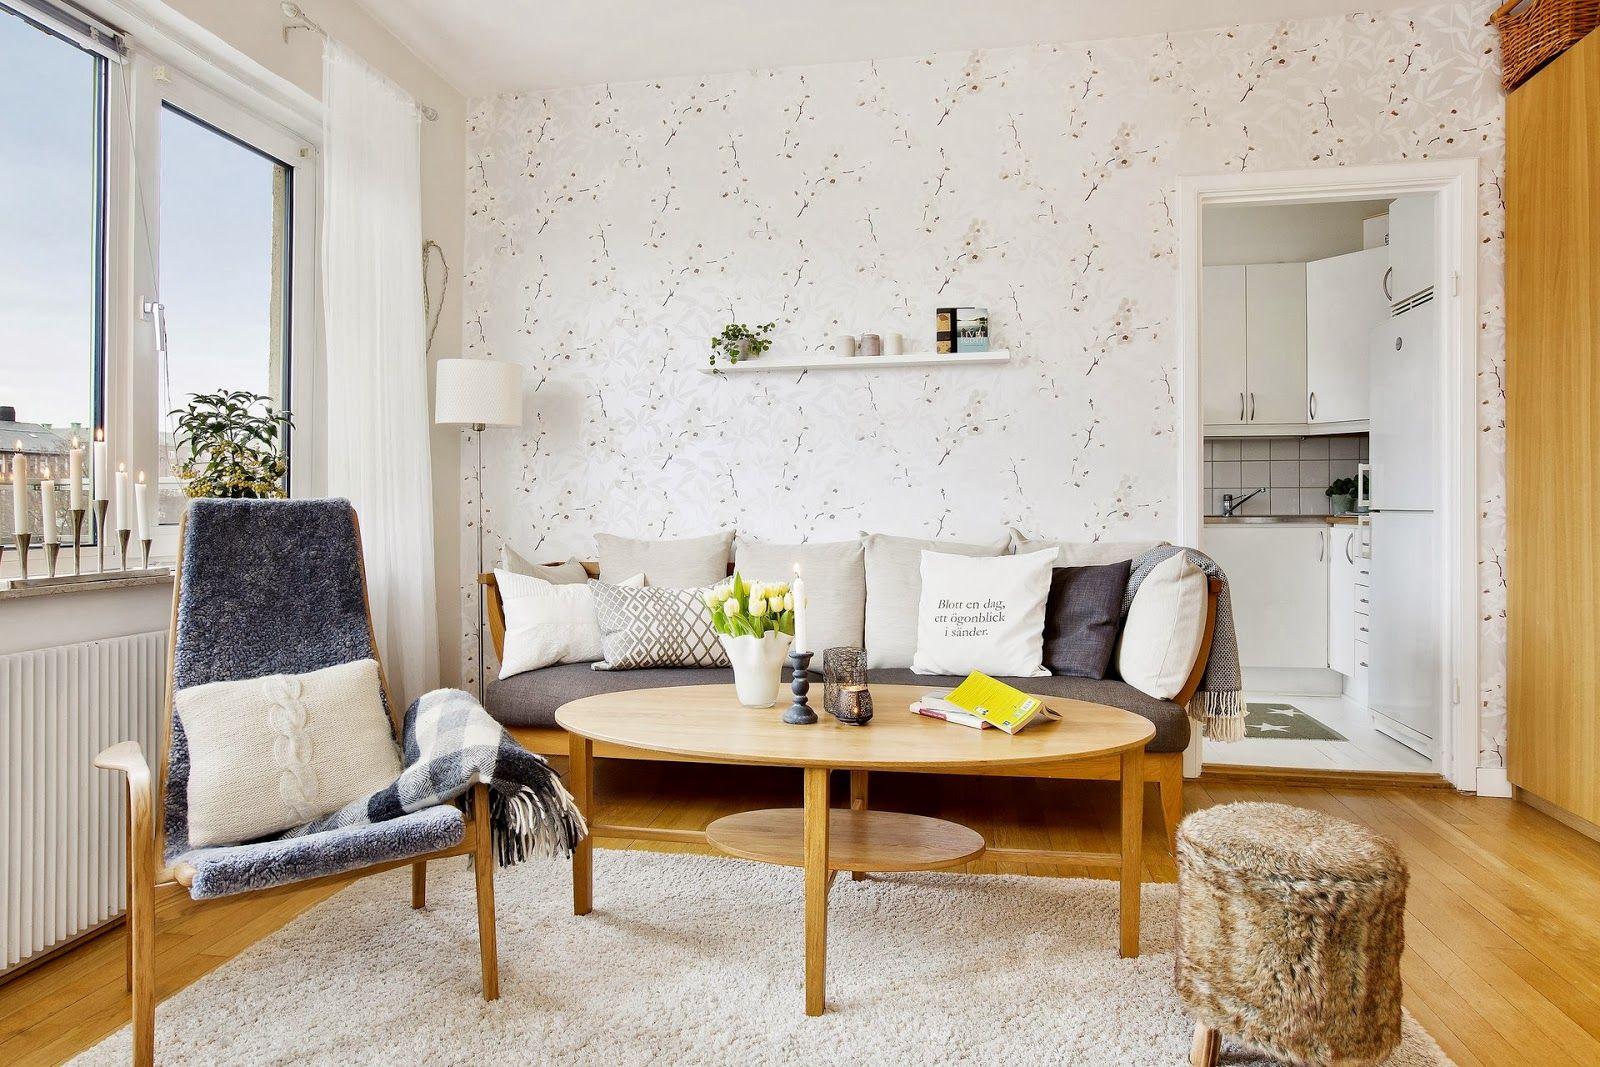 Como decorar un piso con muebles en color madera living dining room pinterest room - Decorar un piso ...